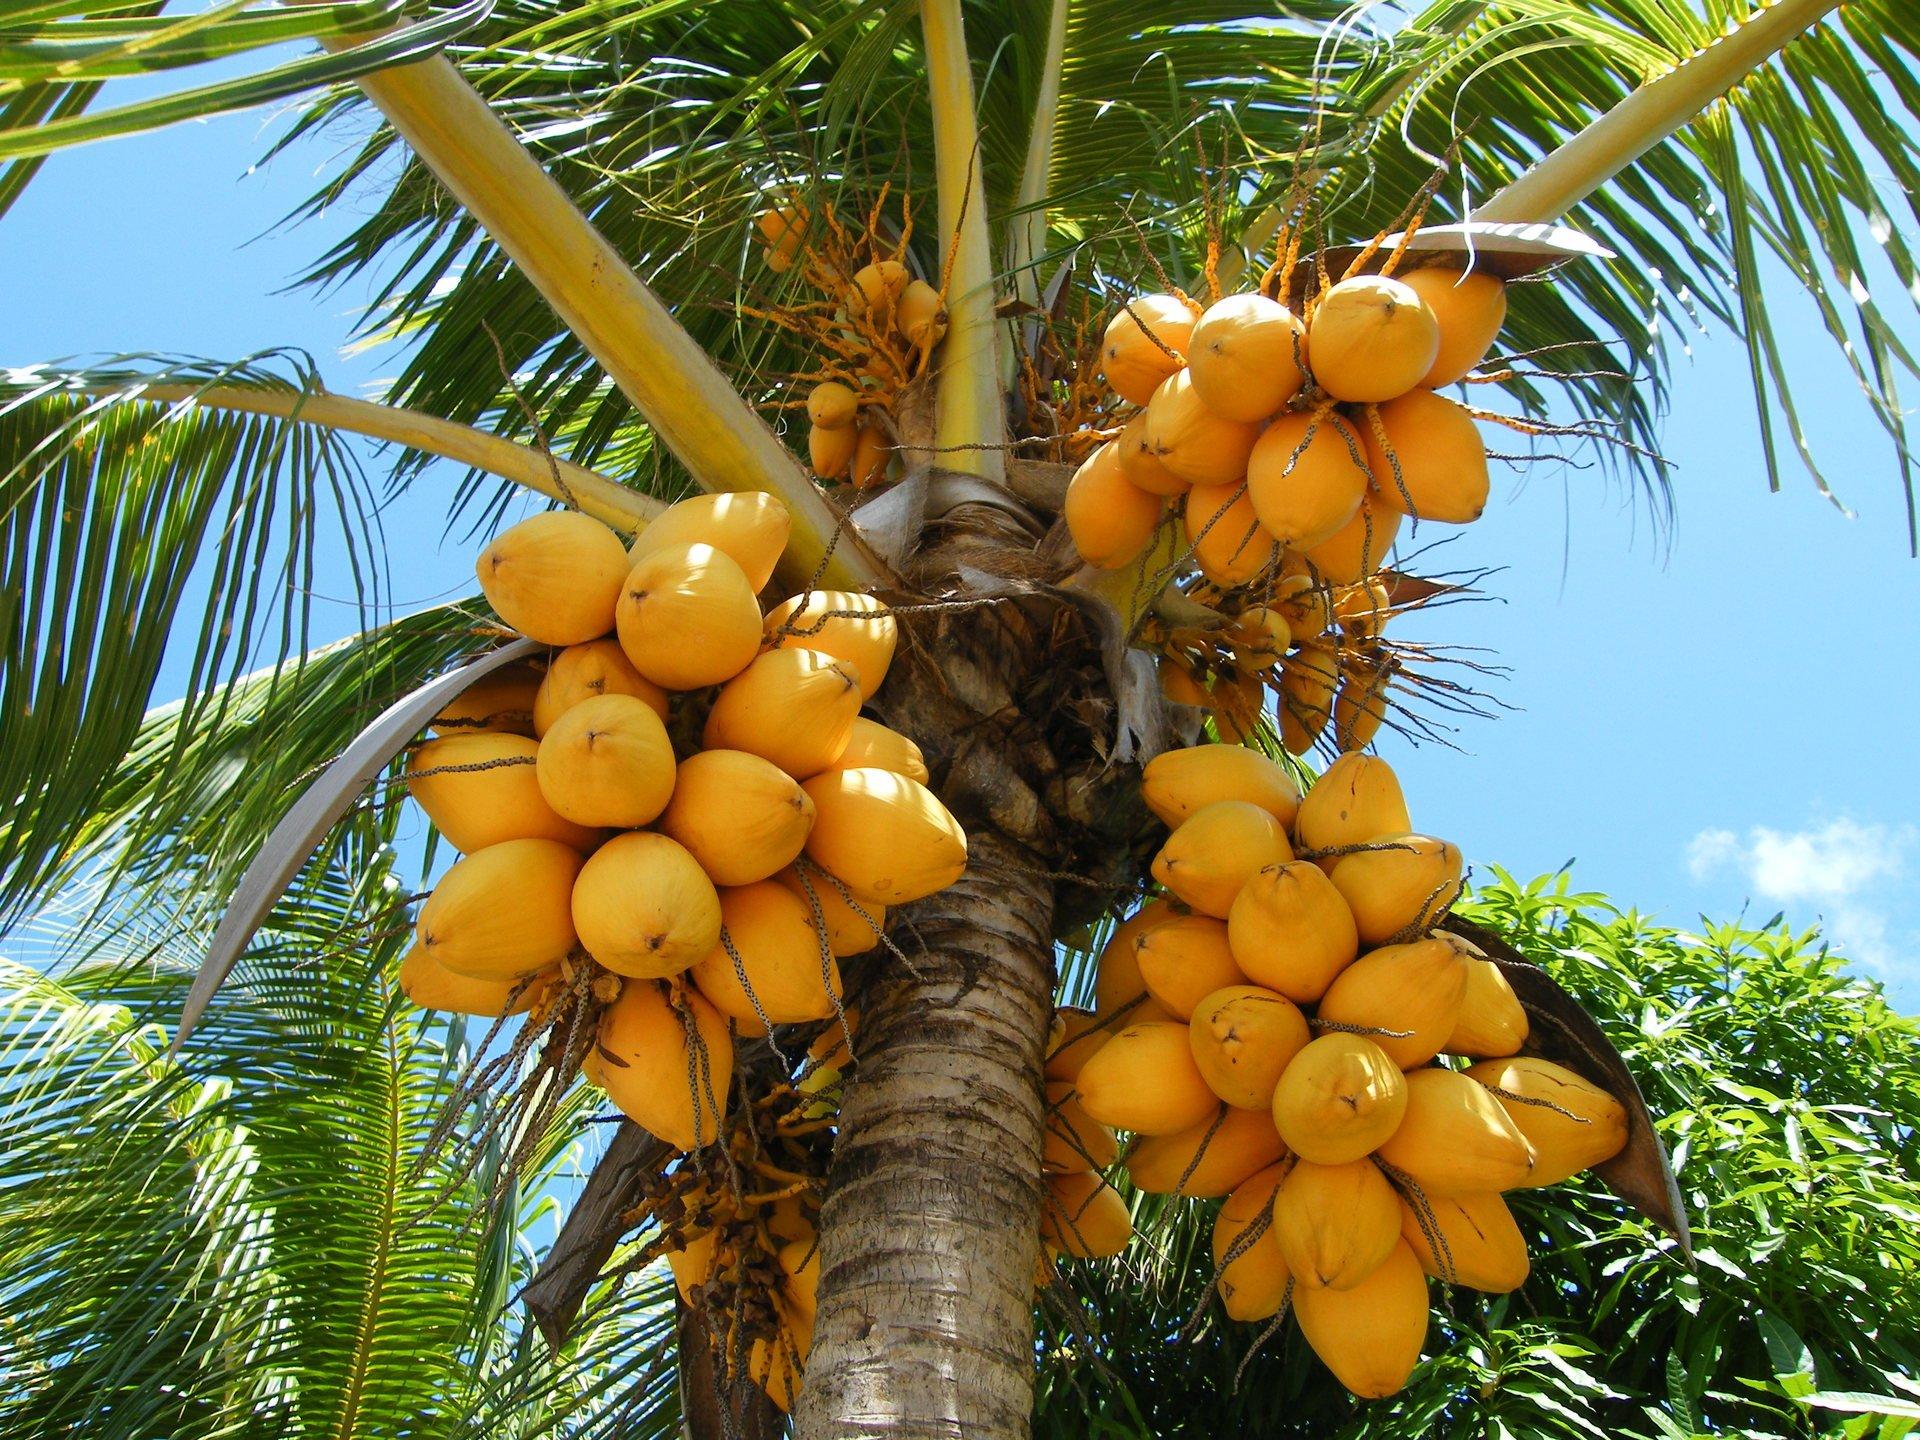 фрукты растут на деревьях картинки бесплатные картинки обои